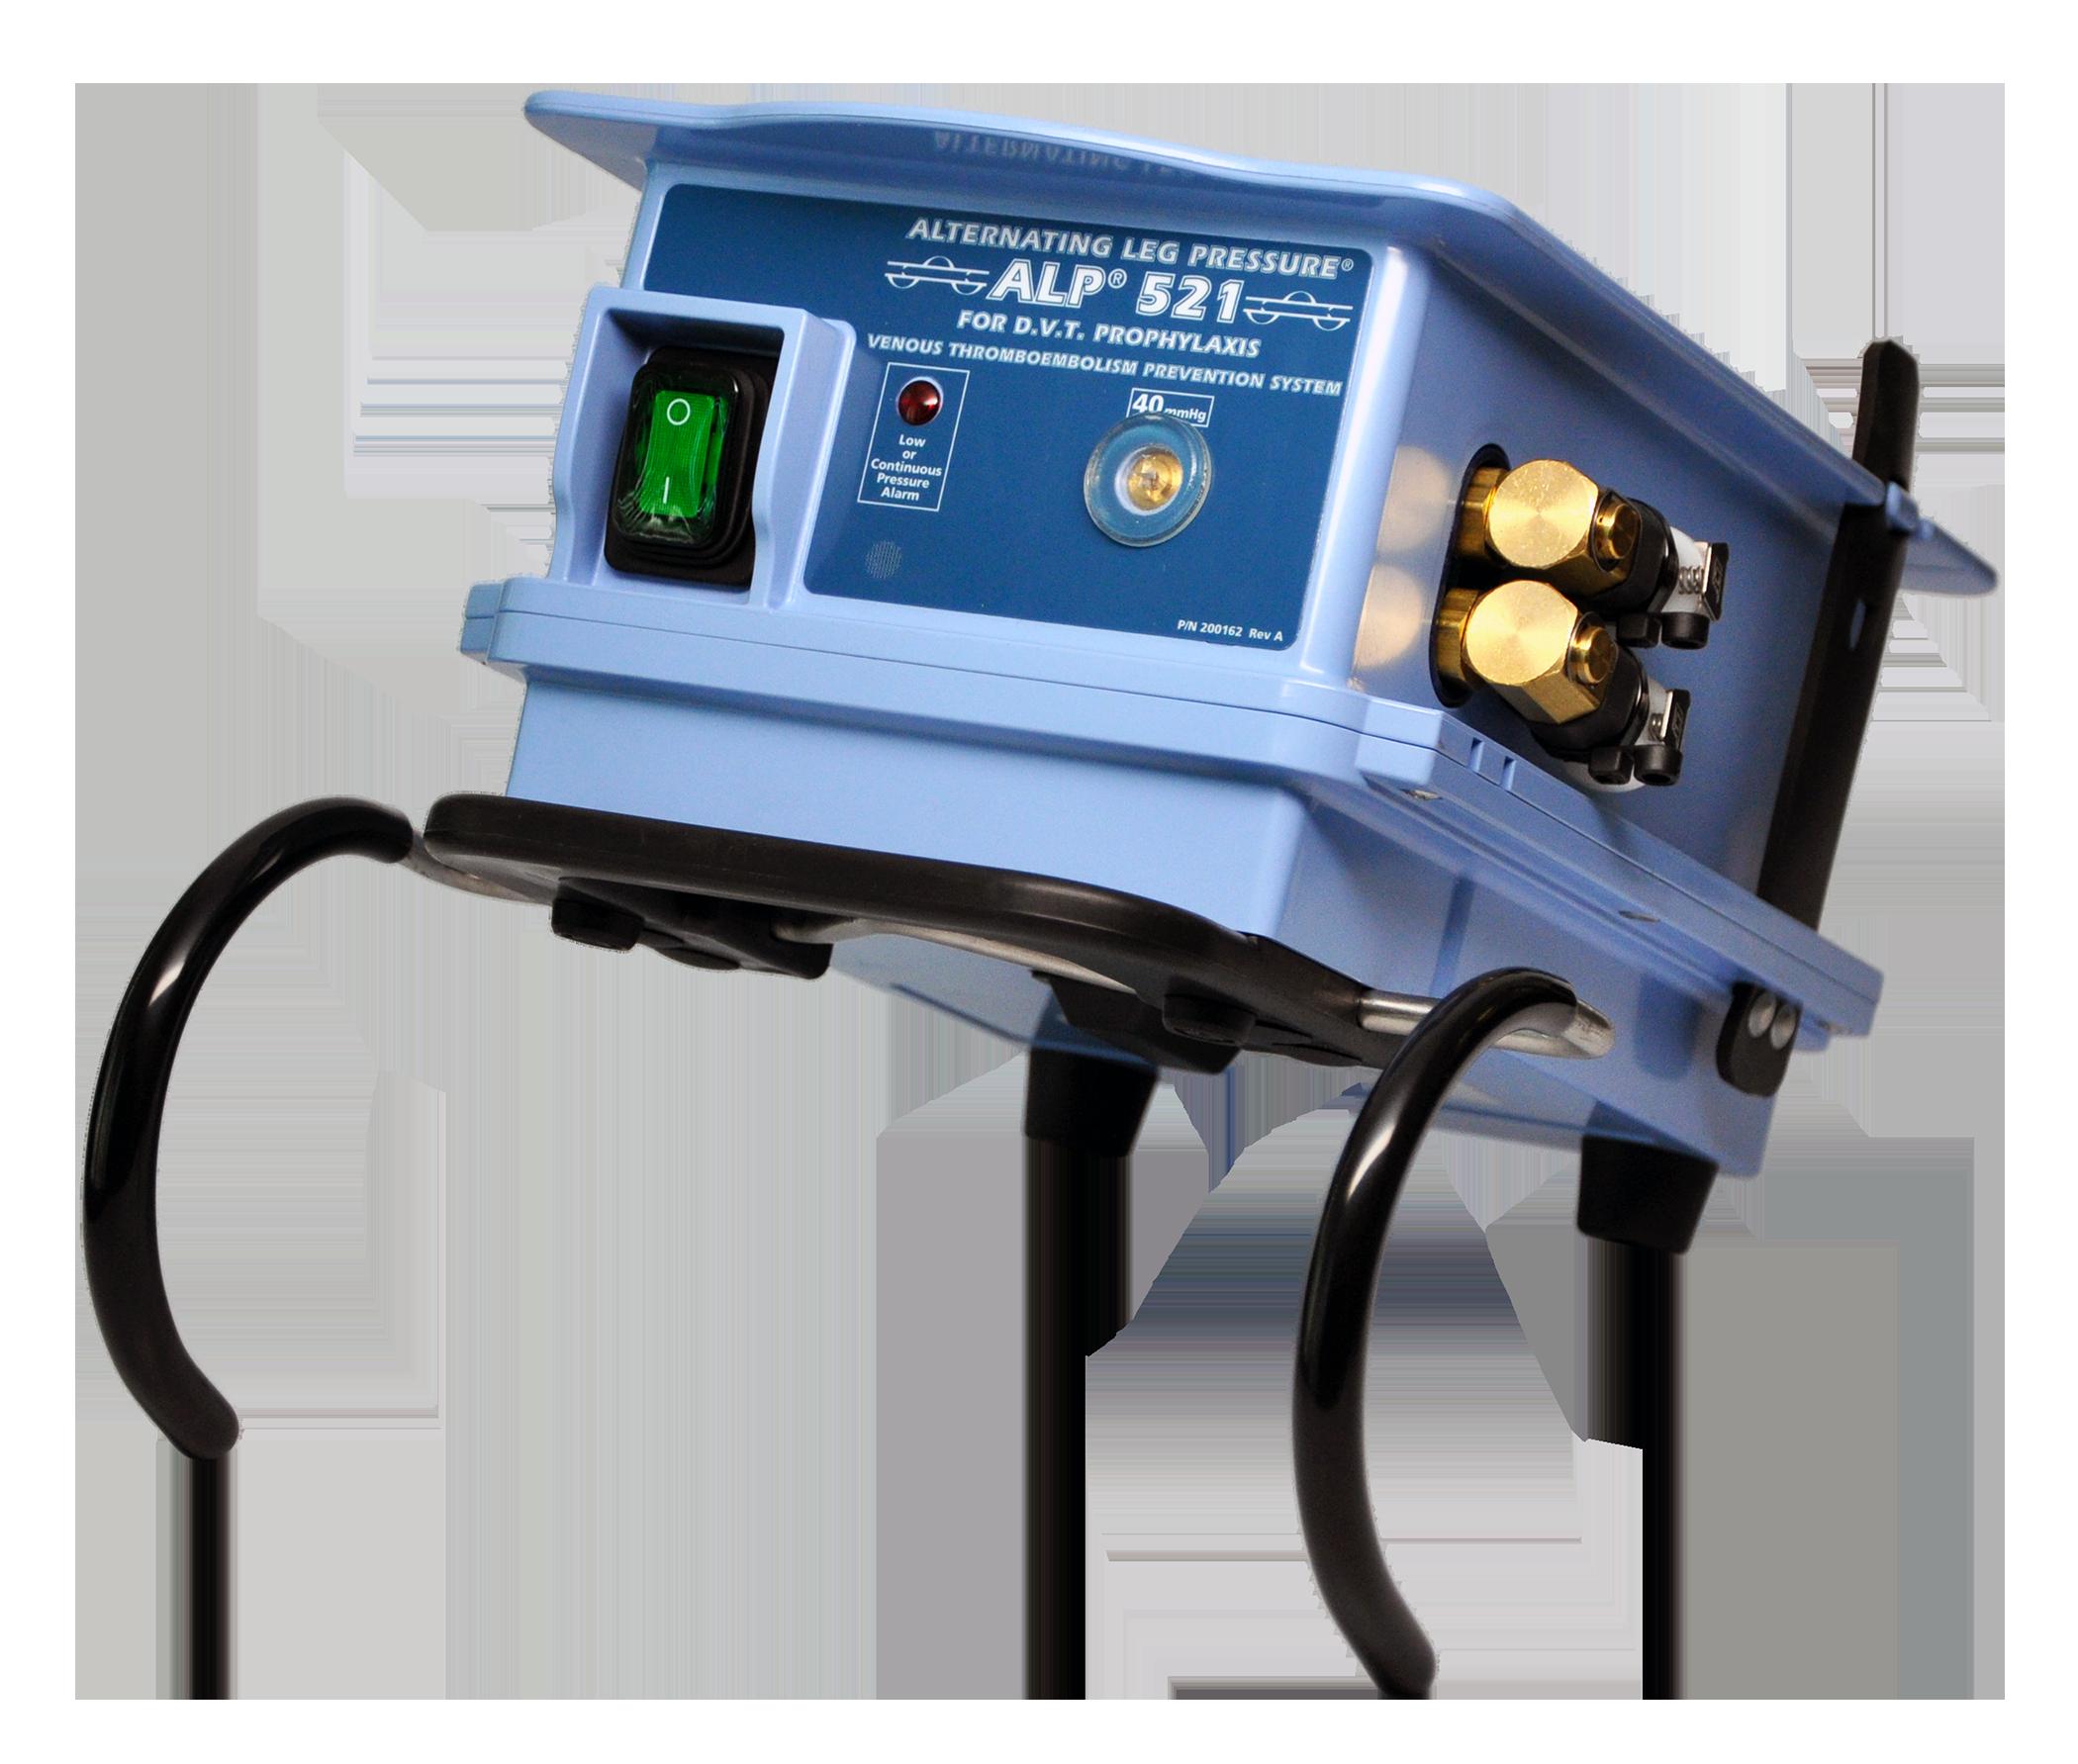 Outpatient_ALP521